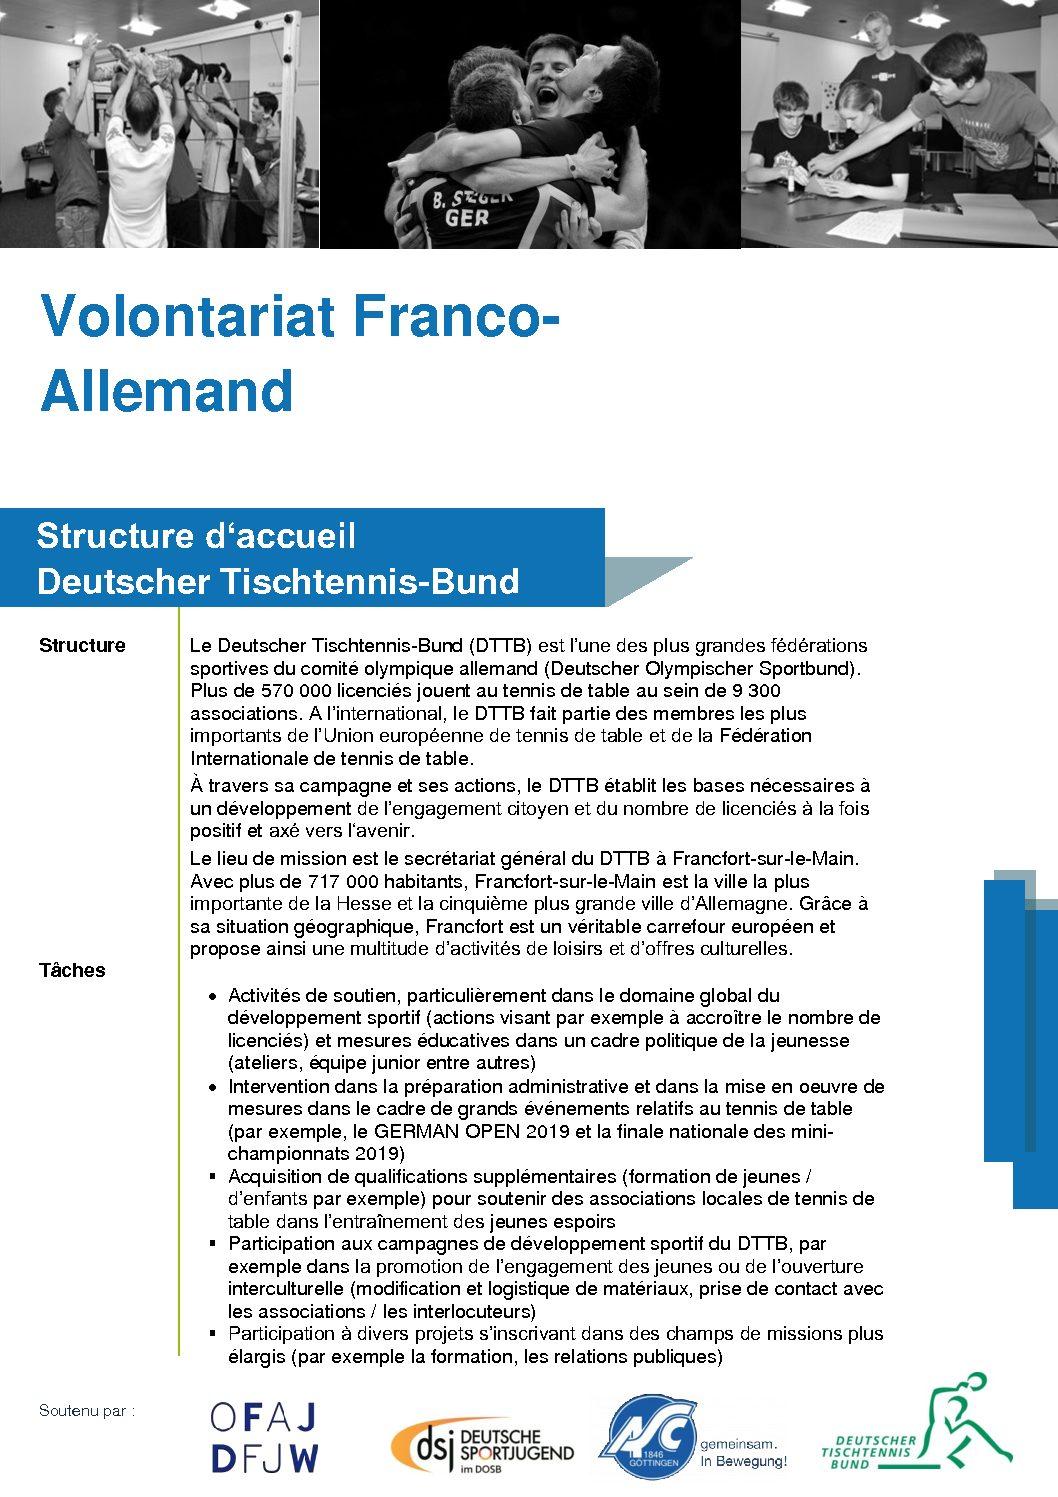 La Fédération Allemande de Tennis de Table recherche un(e) français(e) en service civique franco-allemand